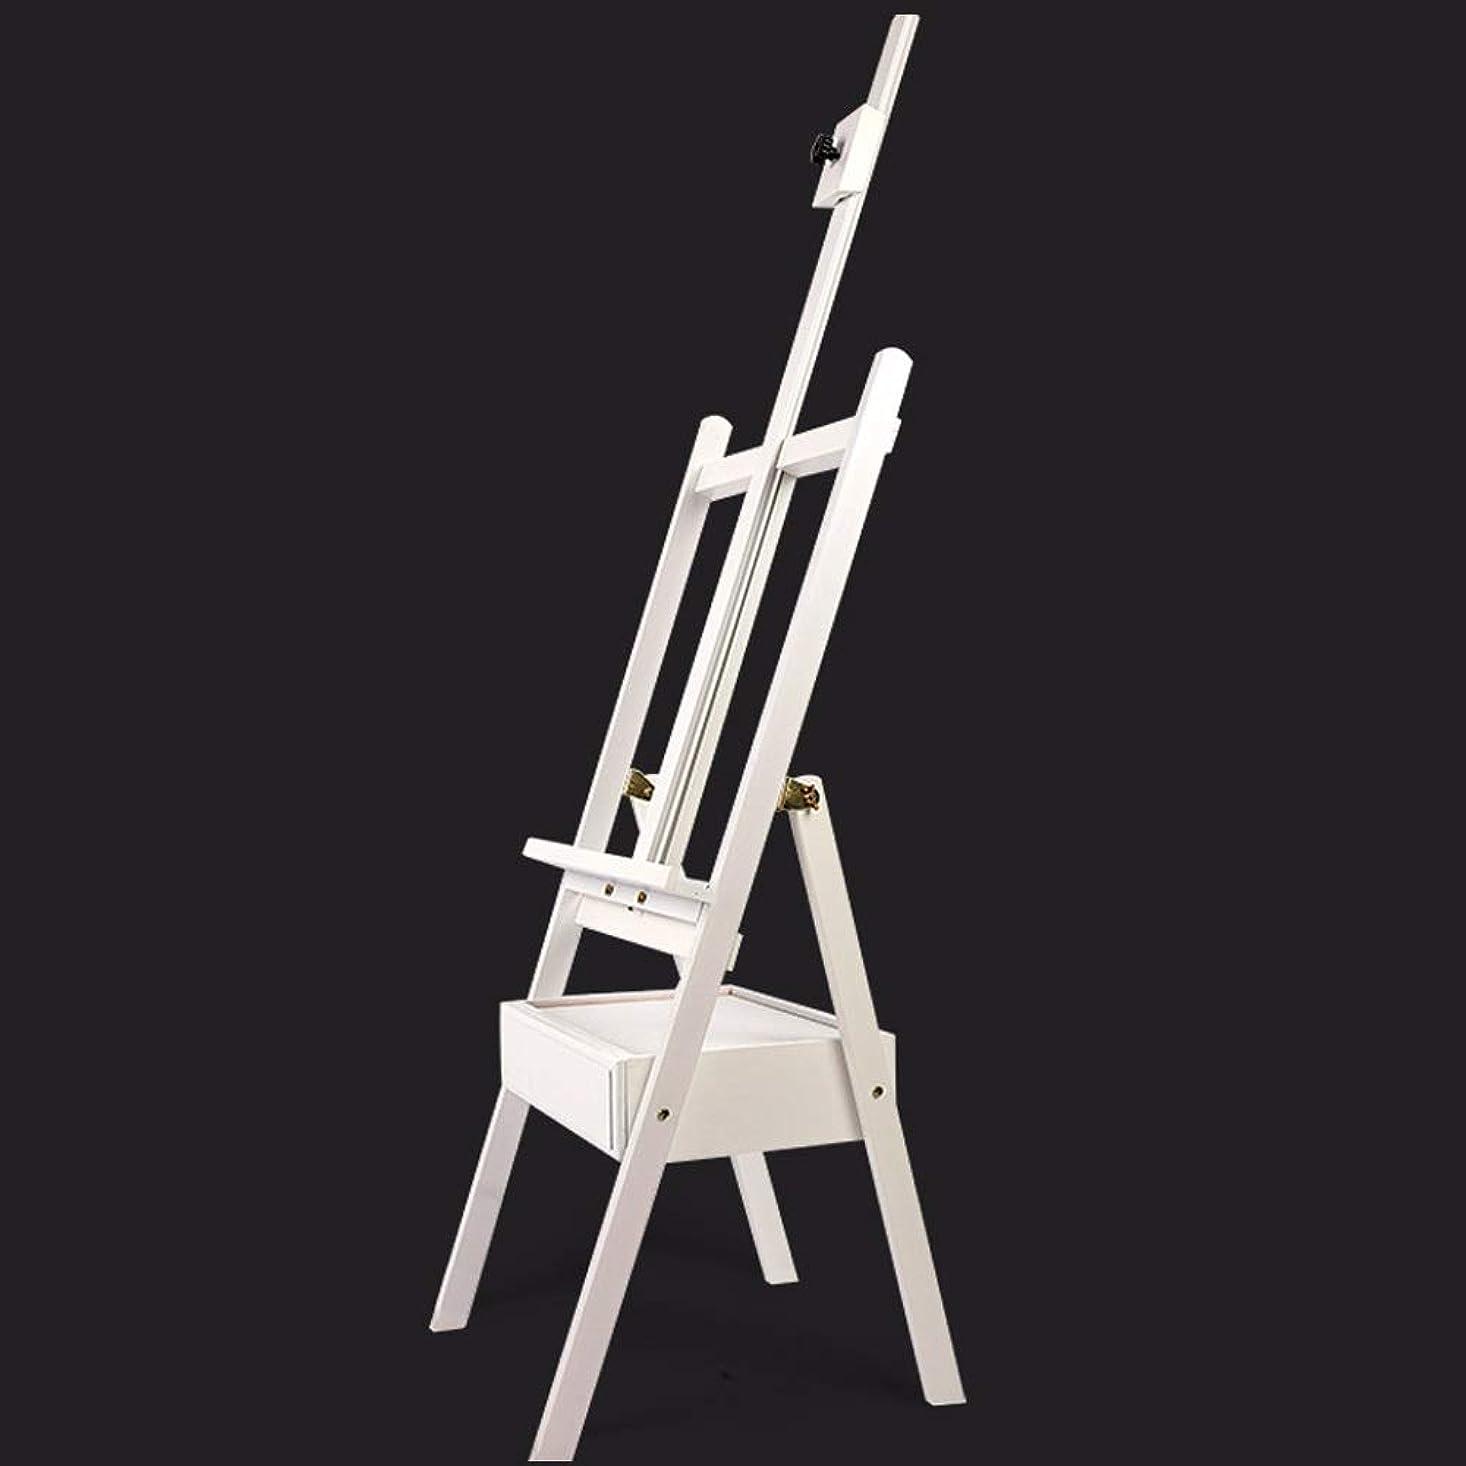 ブラシ計器涙WJ イーゼル- イーゼル、ボックスタイプのポータブル木製オイルイーゼル、アートスケッチ、製図板、絵の具箱。多色オプション152cmX99cm /-/ (Color : White)